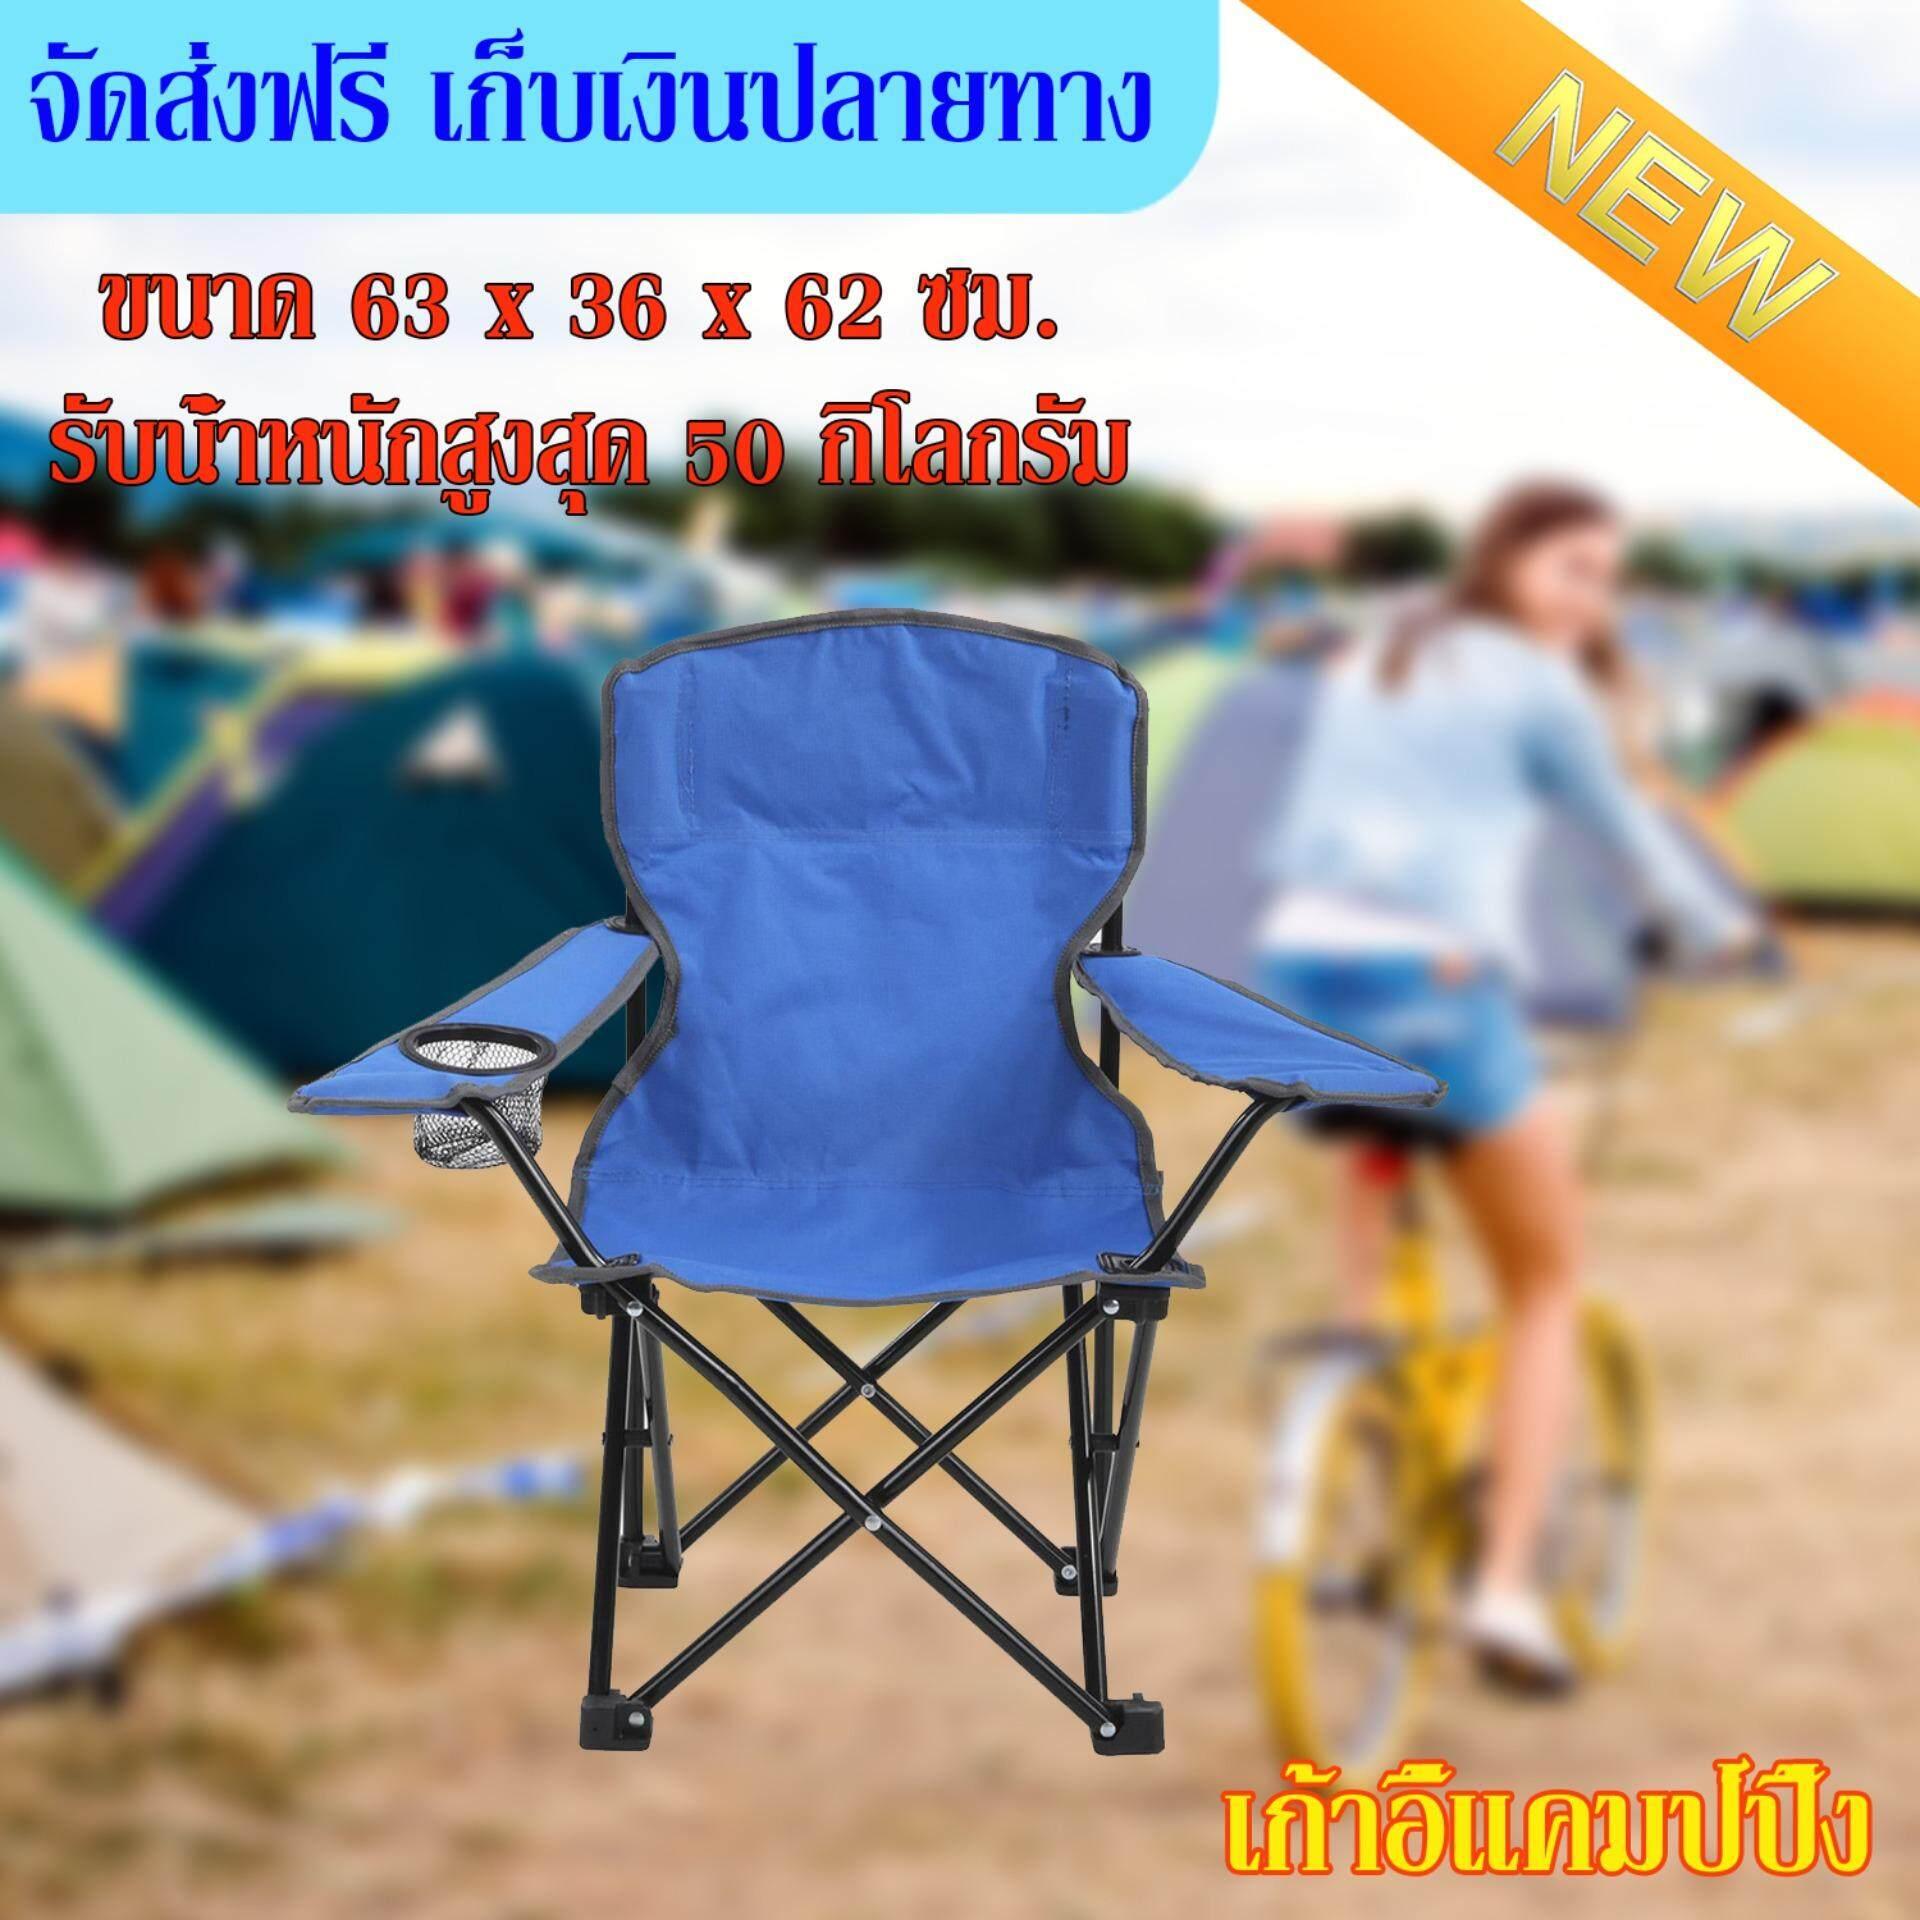 ขายดีมาก! เก้าอี้แคมป์ปิ้งพับได้แบบพกพา เก้าอี้สนาม เหมาะสำหรับ ปิคนิค ตกปลา เดินป่า Camping Chair สีน้ำเงิน ขนาด 63 x 36 x 62 ซม. จัดส่งKerry ฟรี!